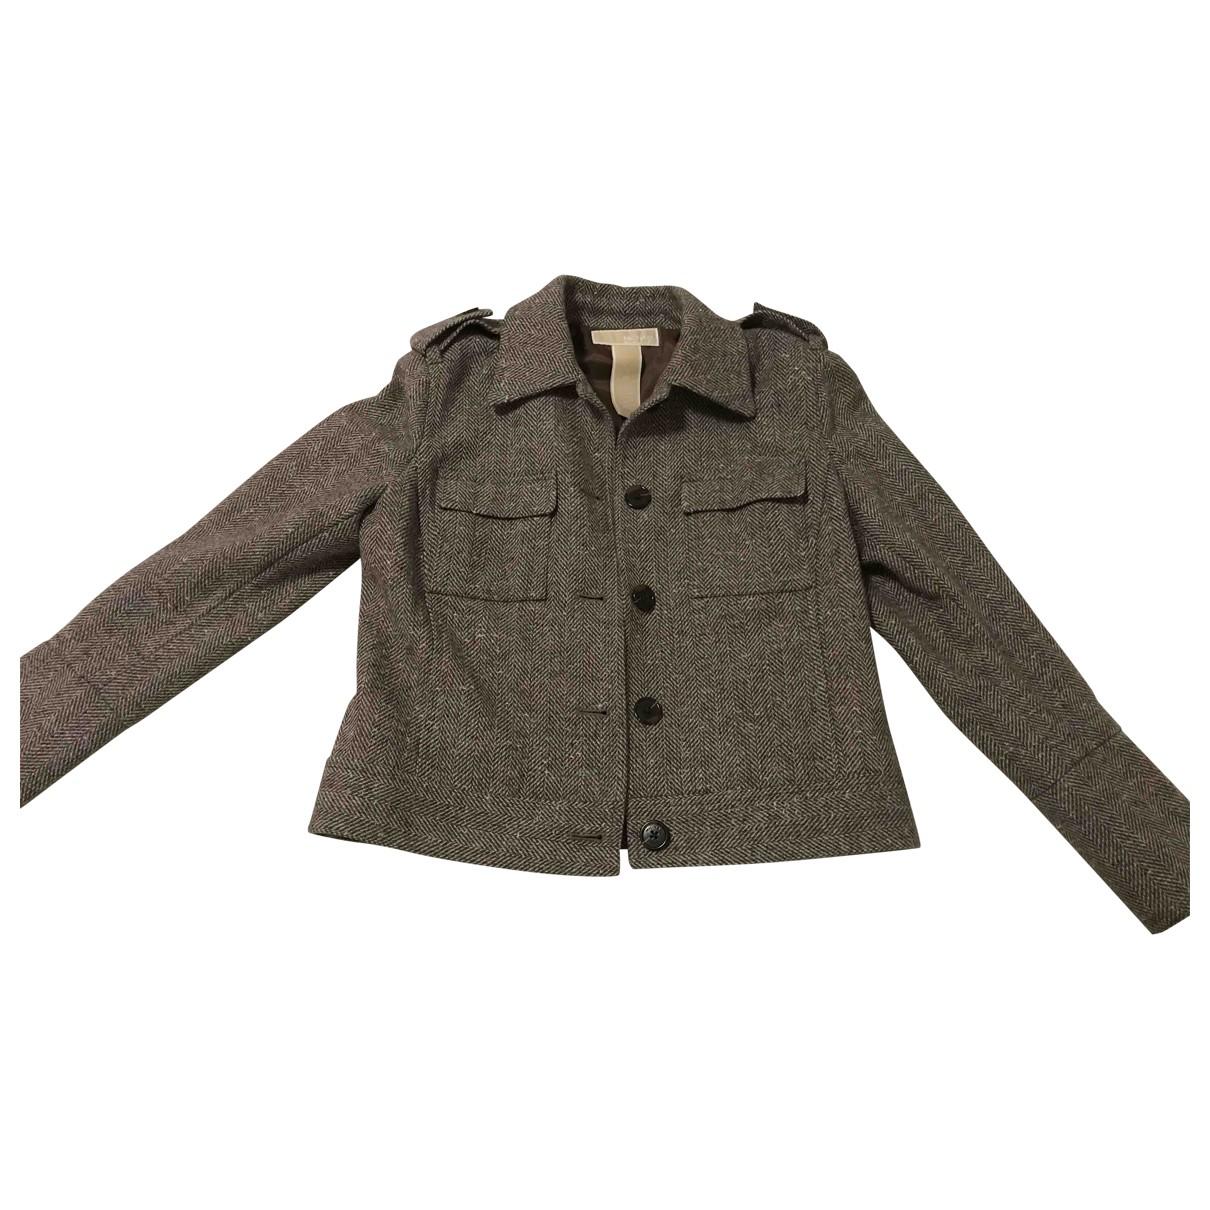 Michael Kors \N Brown jacket for Women 4 US